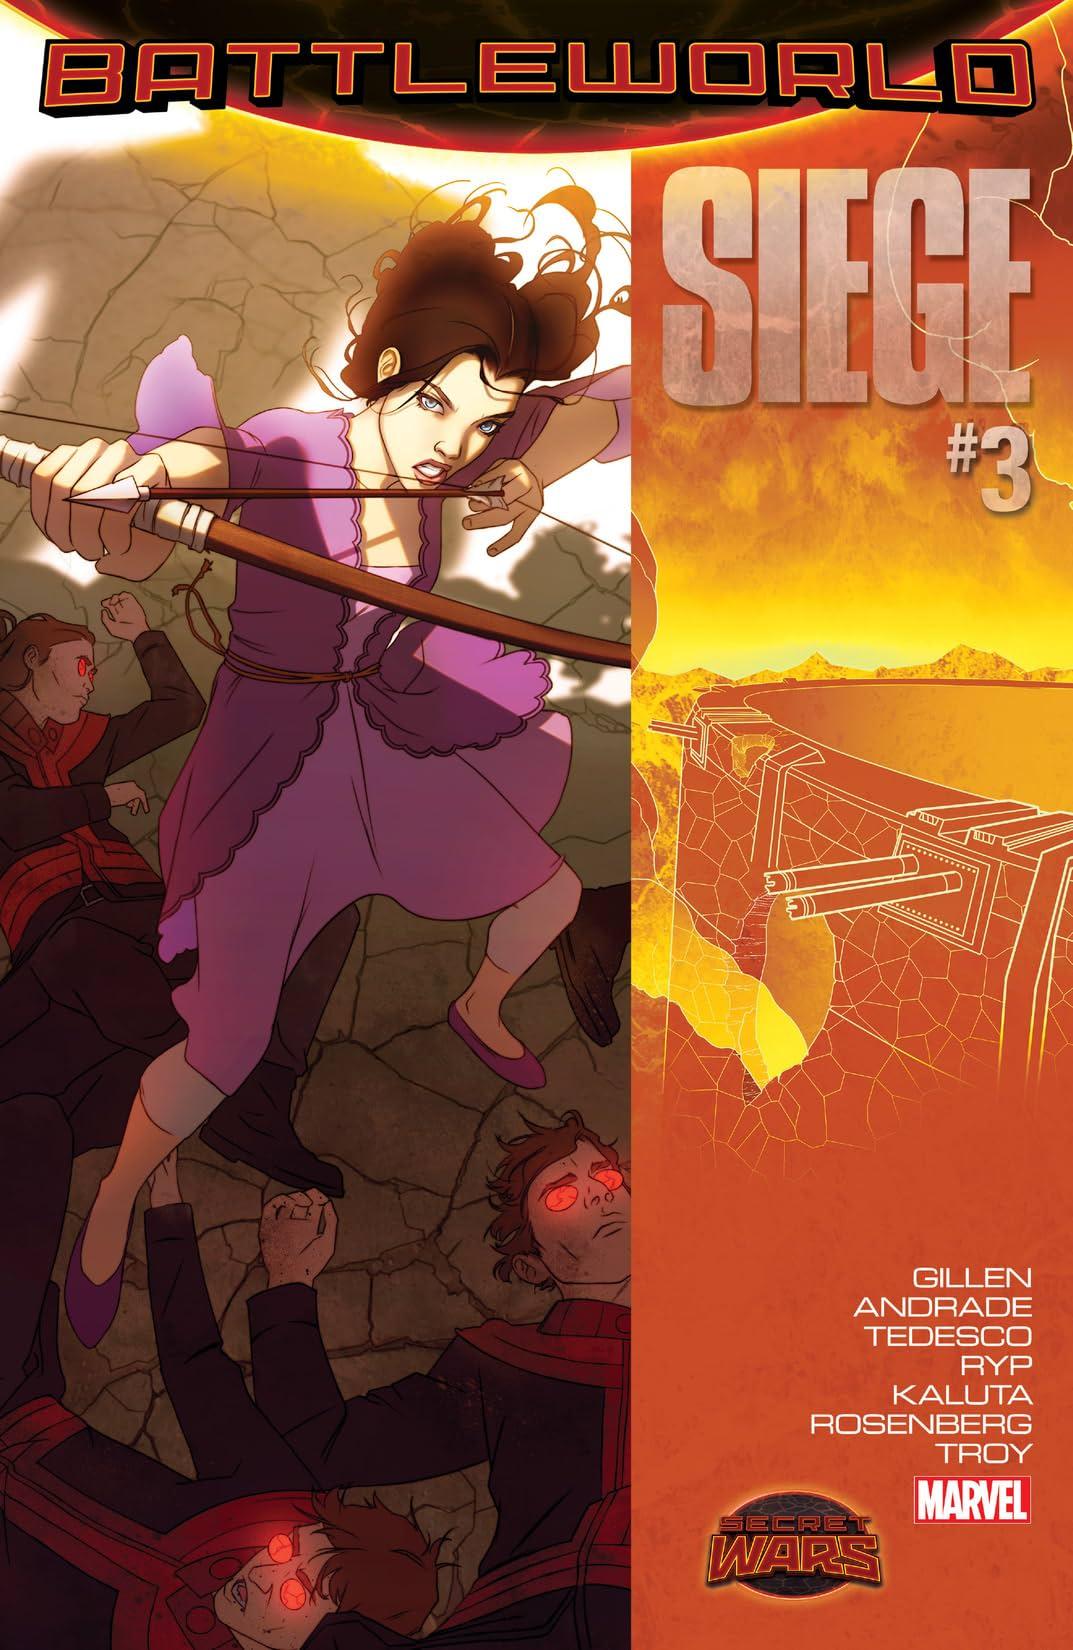 Siege (2015) #3